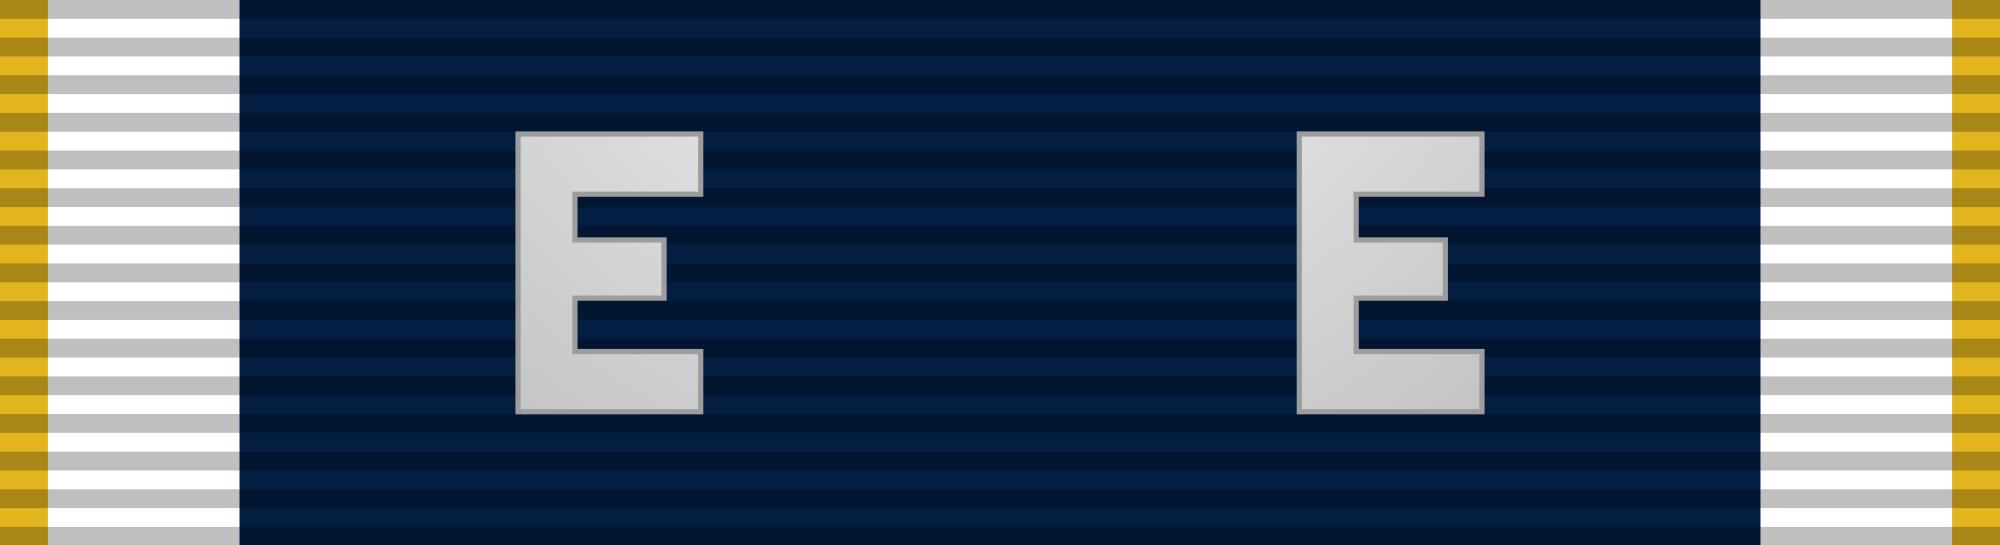 Battle-e-ribbon 2nd award.png